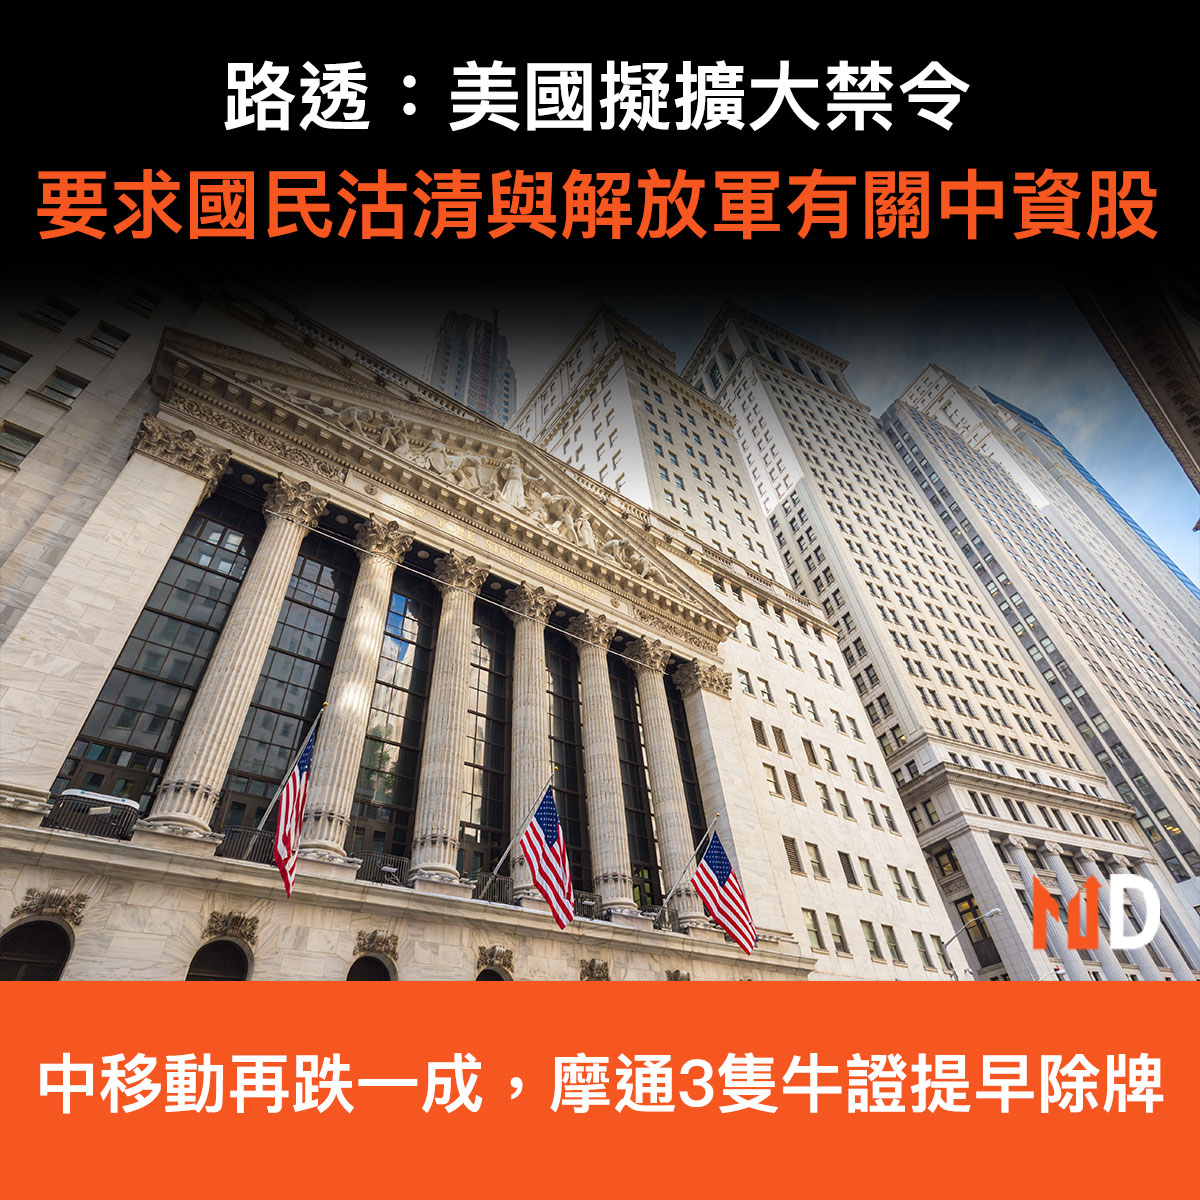 路透:美國擬擴大禁令,要求國民沽清與解放軍有關中資股